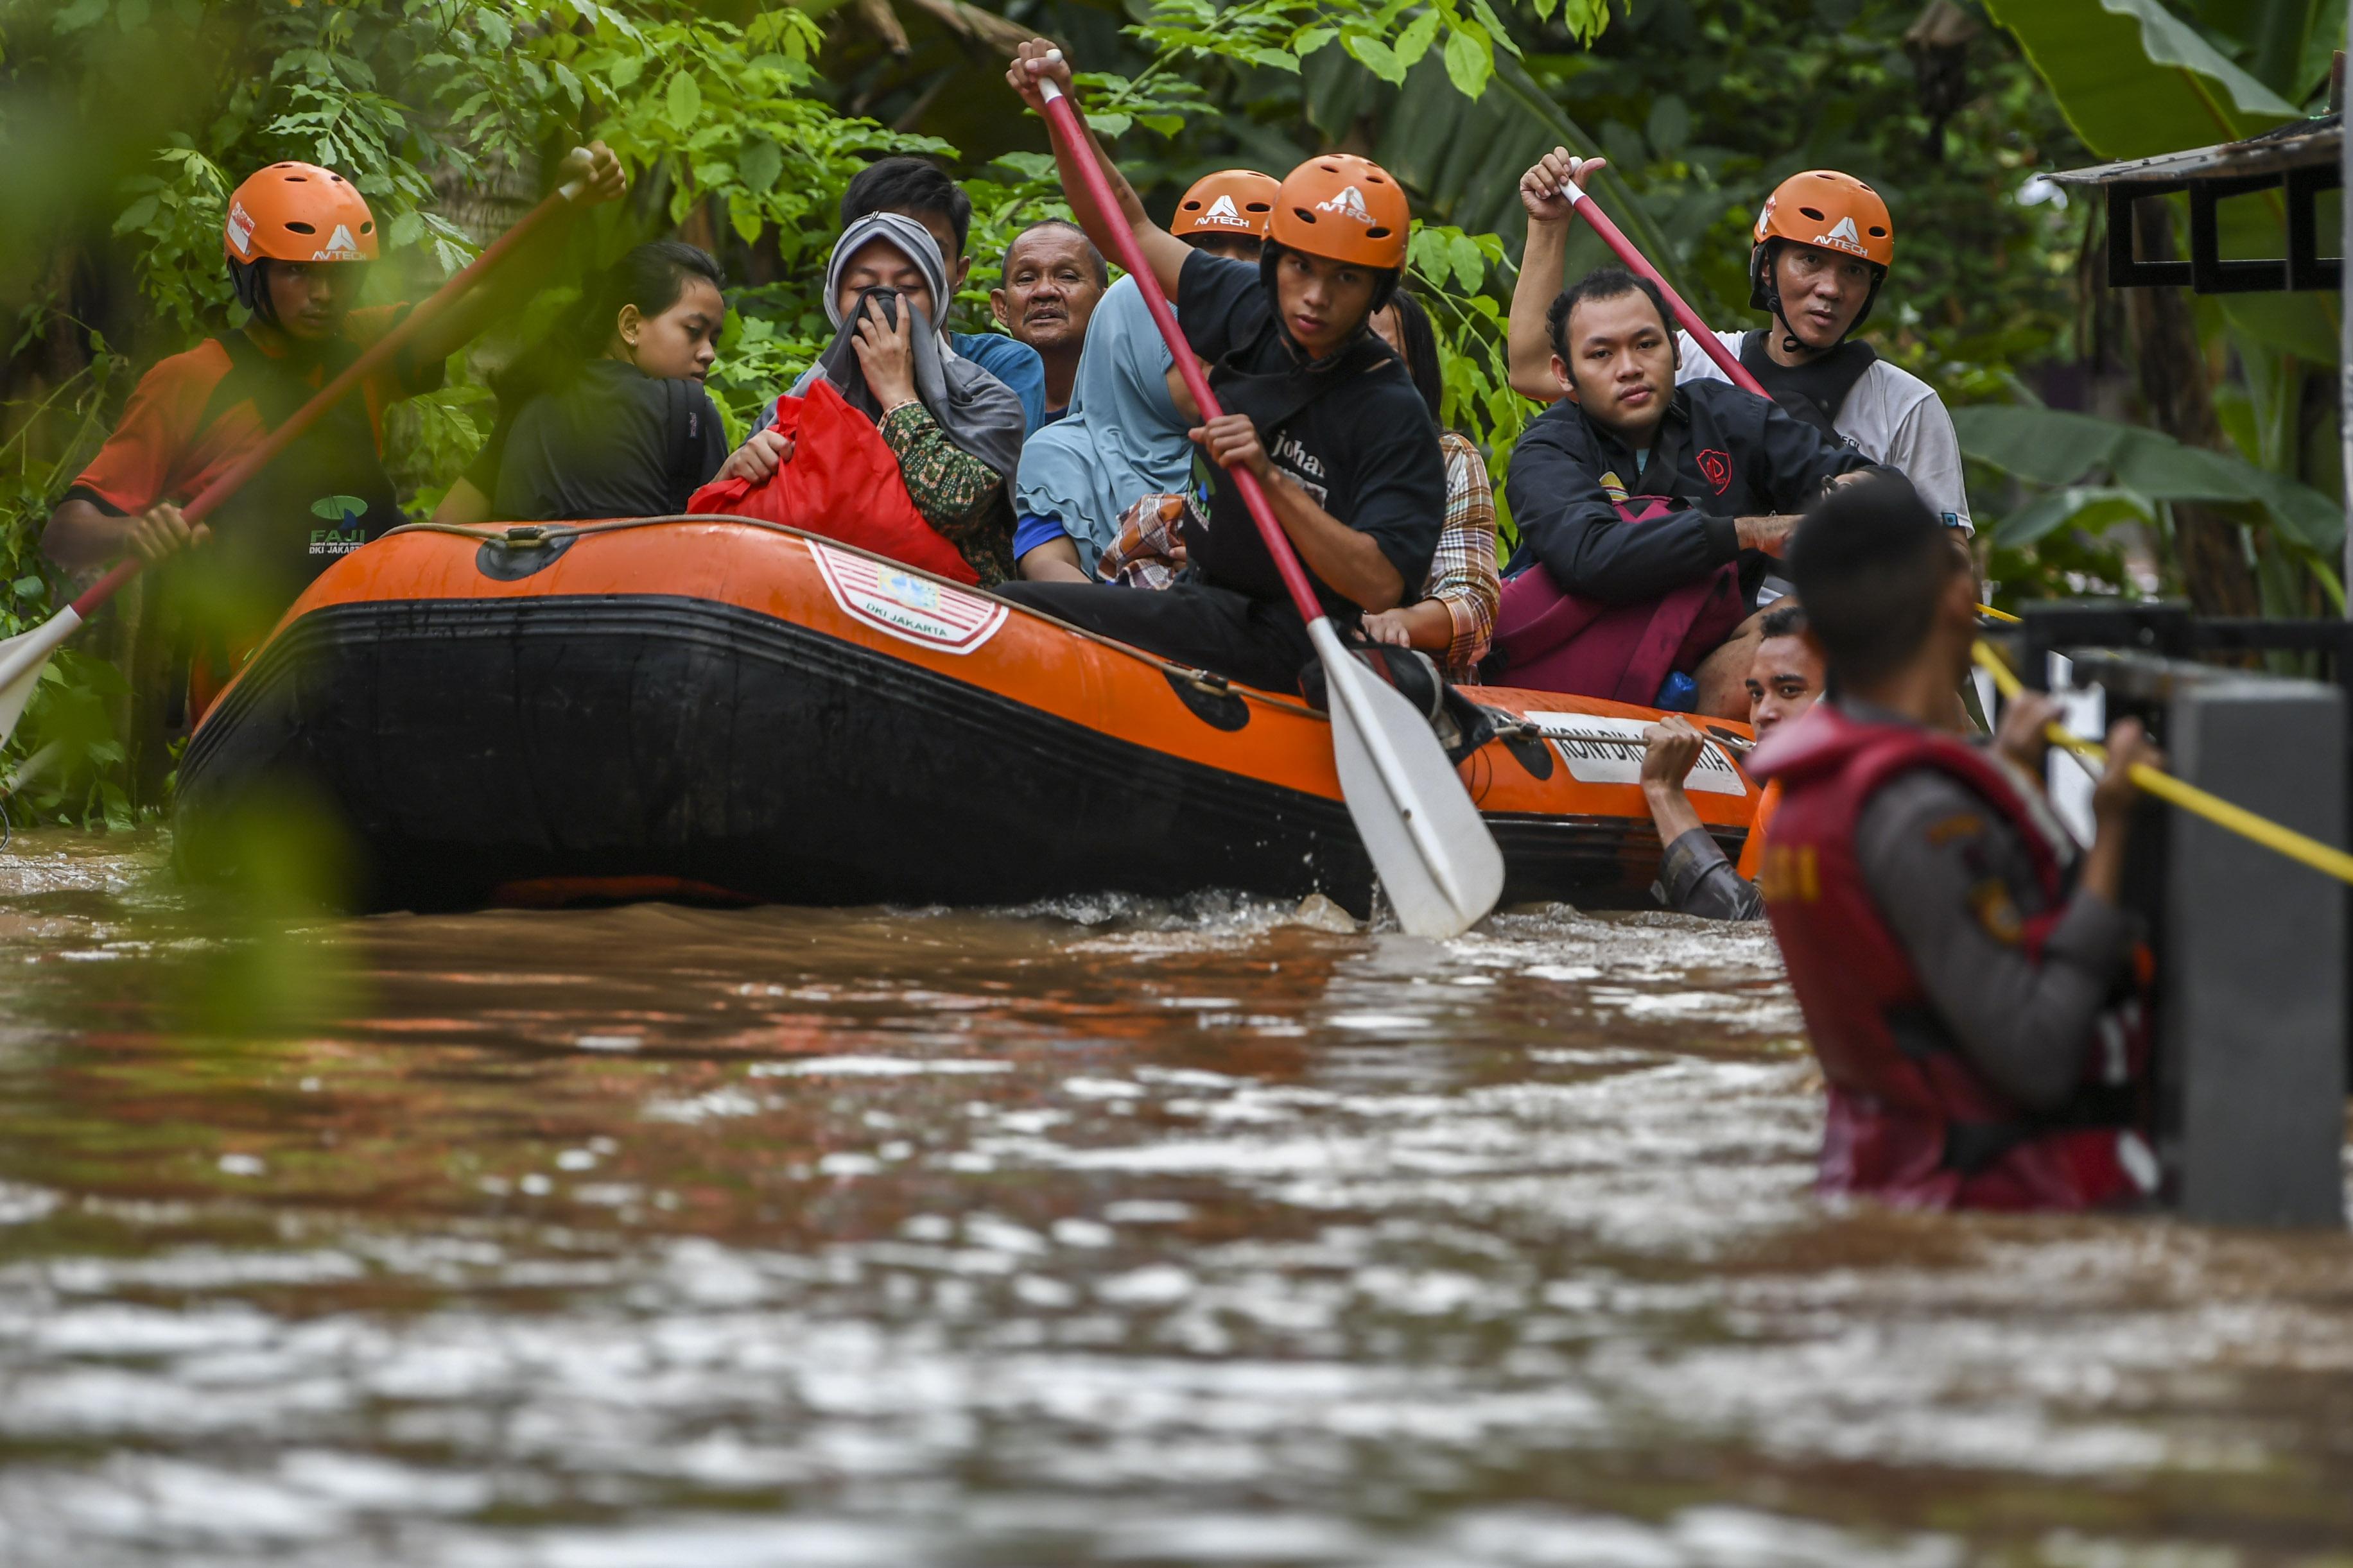 Kemensos Distribusikan Bantuan ke Daerah Terdampak Banjir